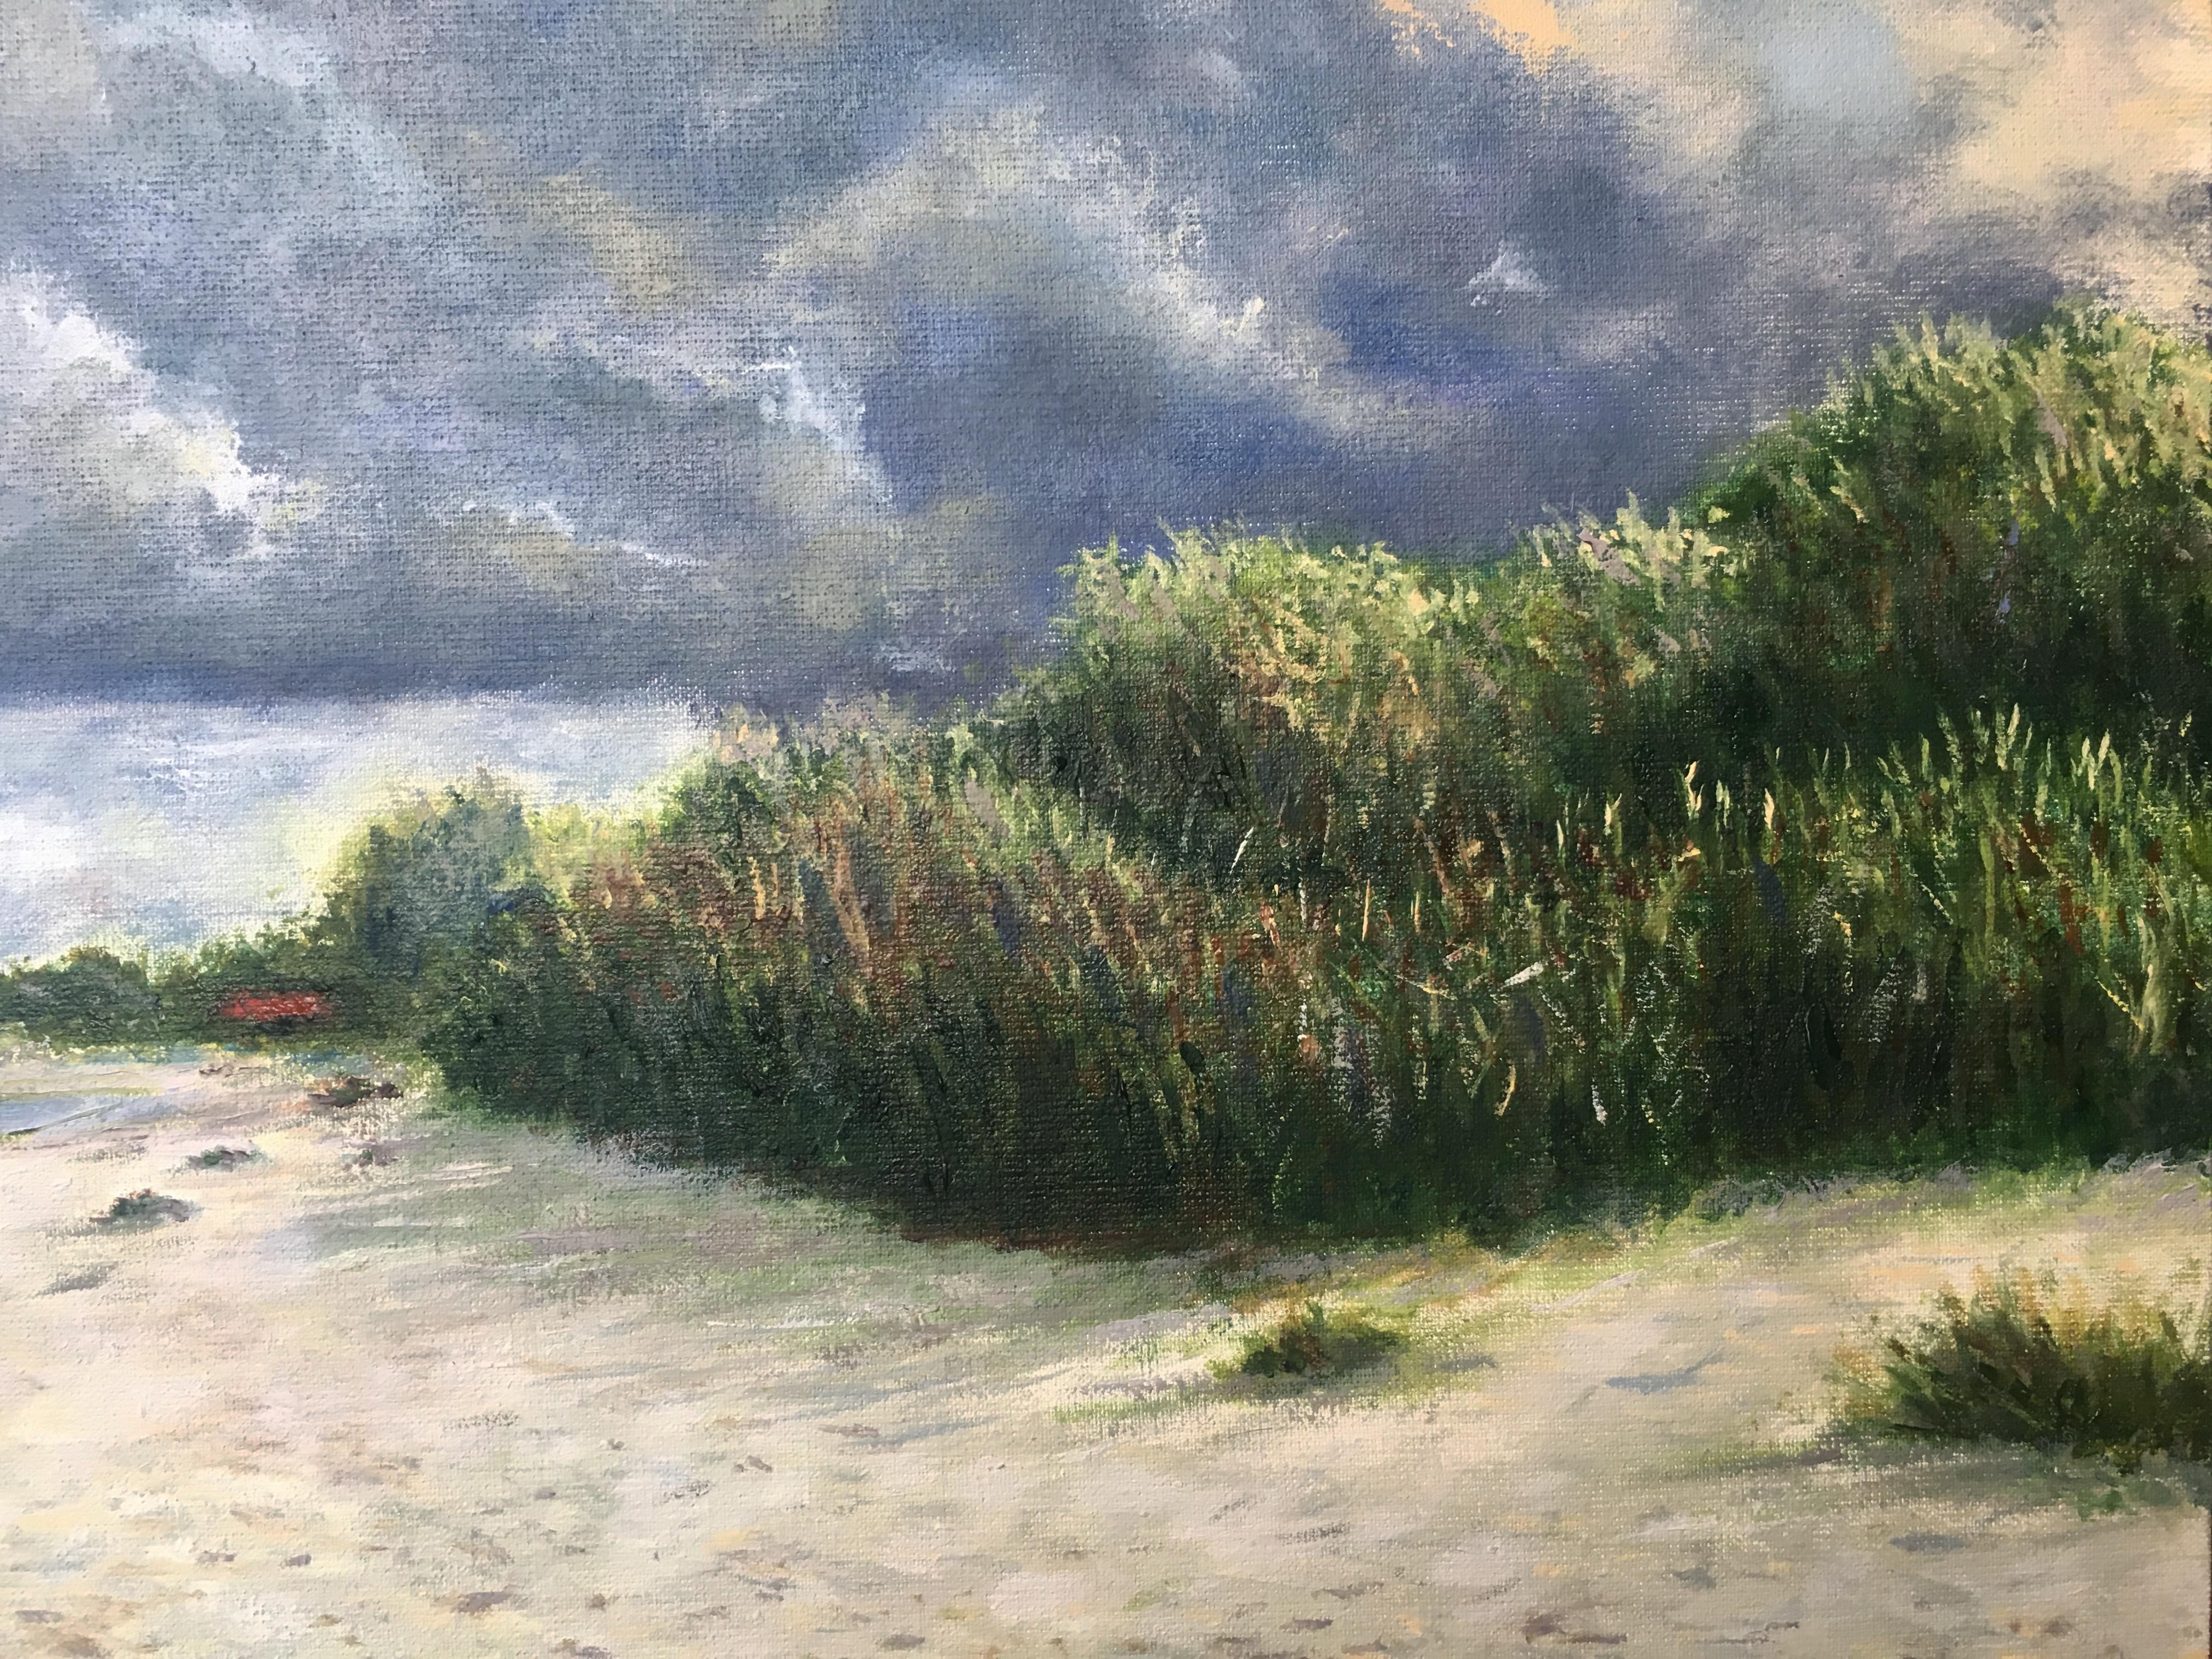 море Латвия Прибалтика Рагациемс картина маслом облака пейзажи природы художник Альберт Сафиуллин